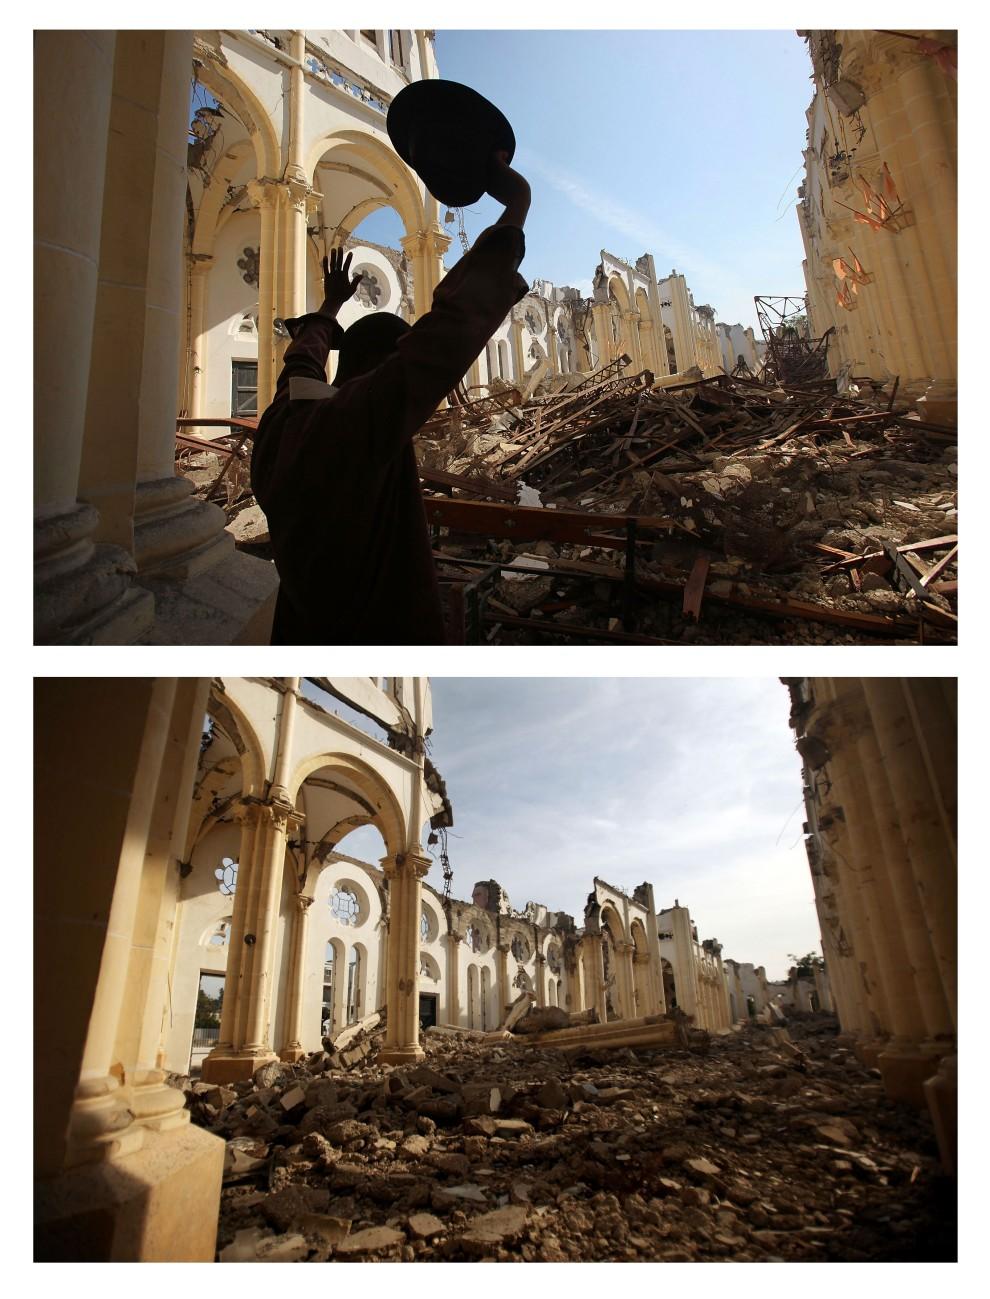 12. i 13. HAITI, Port-au-Prince, zdjęcie pierwsze z 14 stycznia 2010: Mężczyzna modli się na gruzach katedry.  Zdjęcie drugie z 12 stycznia 2011: To samo miejsce – Wnętrze katedry zniszczonej podczas ubiegłorocznego trzęsienia ziemi. (Foto: Mario Tama/Getty Images)